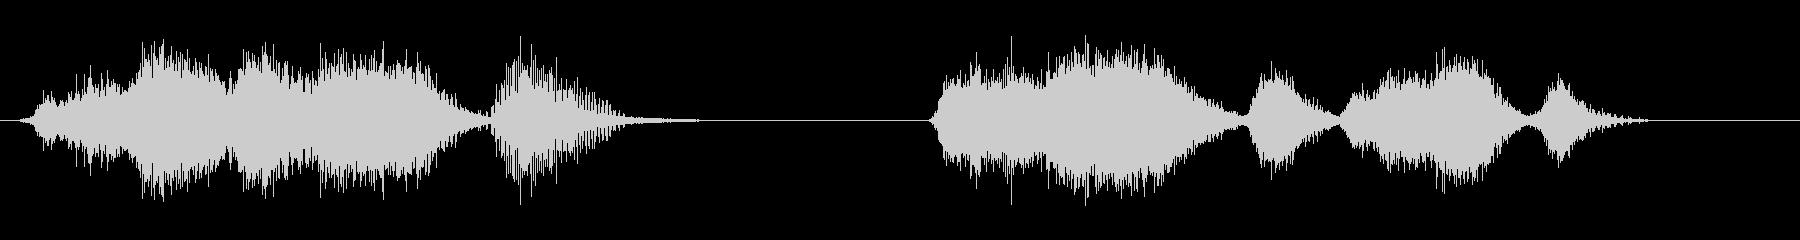 ドリル、インパクト、ランニングx2の未再生の波形